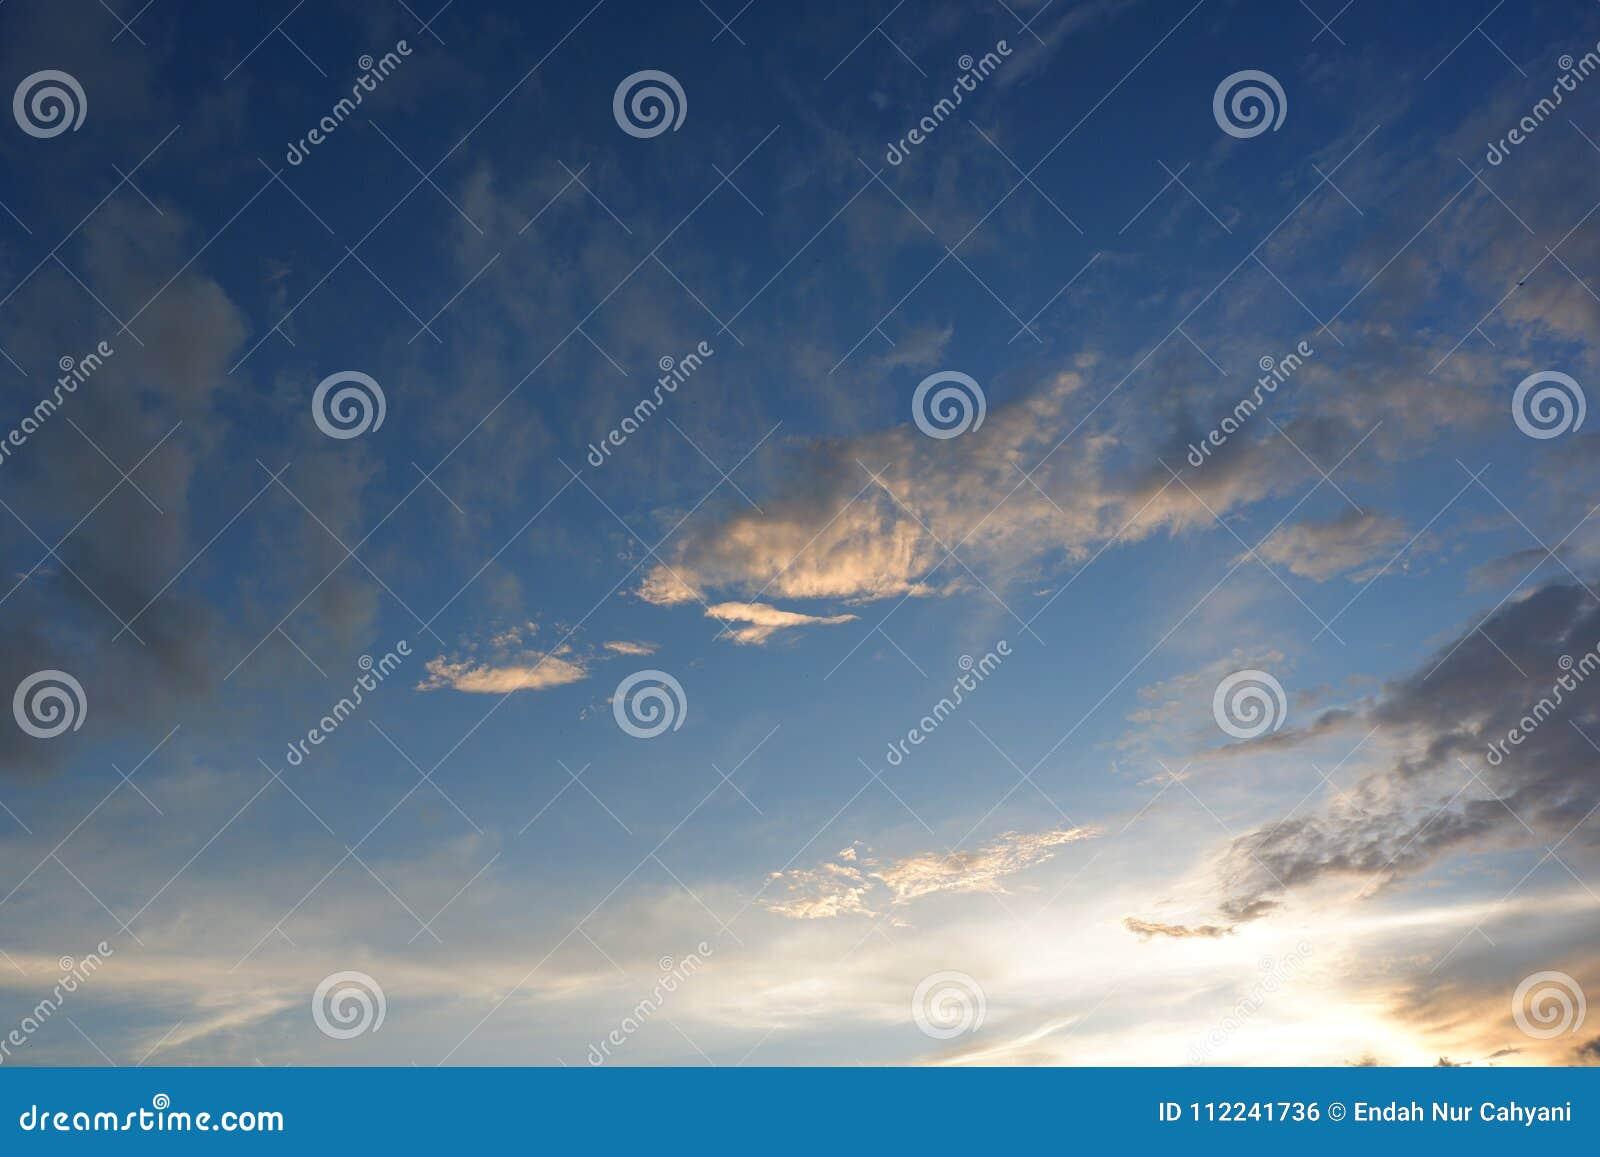 Δραματικό ηλιοβασίλεμα στο νοτιοδυτικό σημείο ερήμων